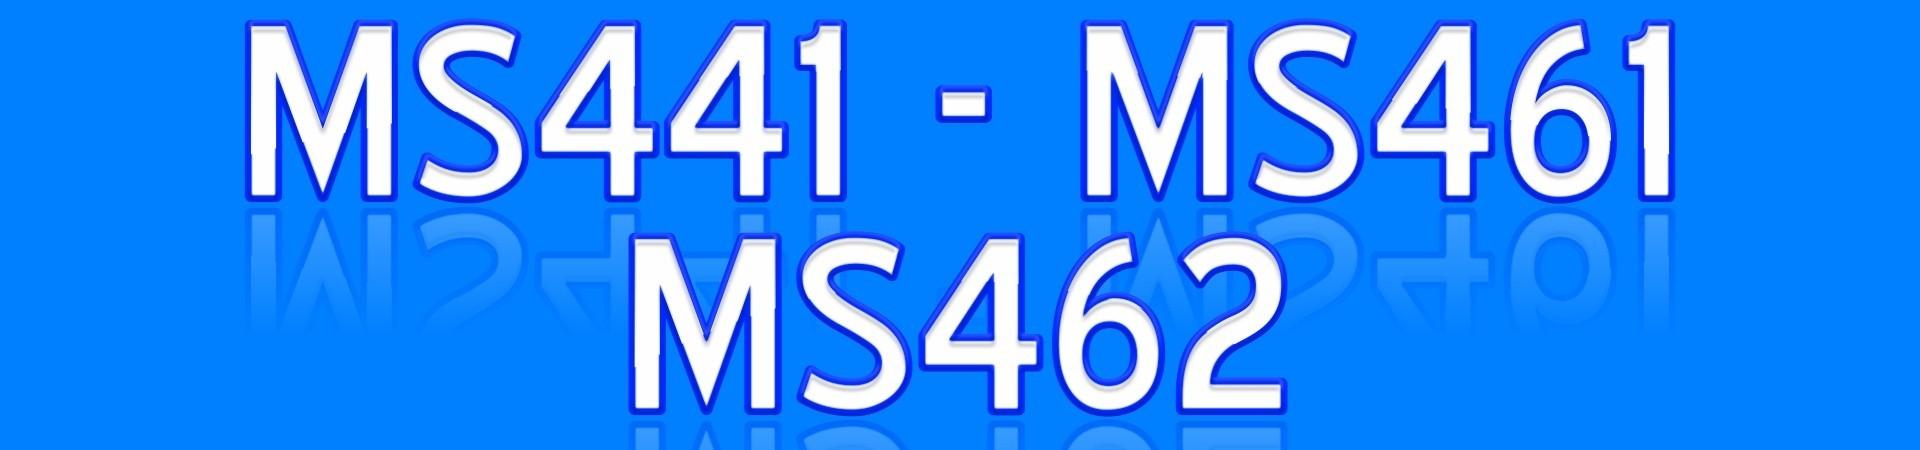 MS441 MS461 MS462